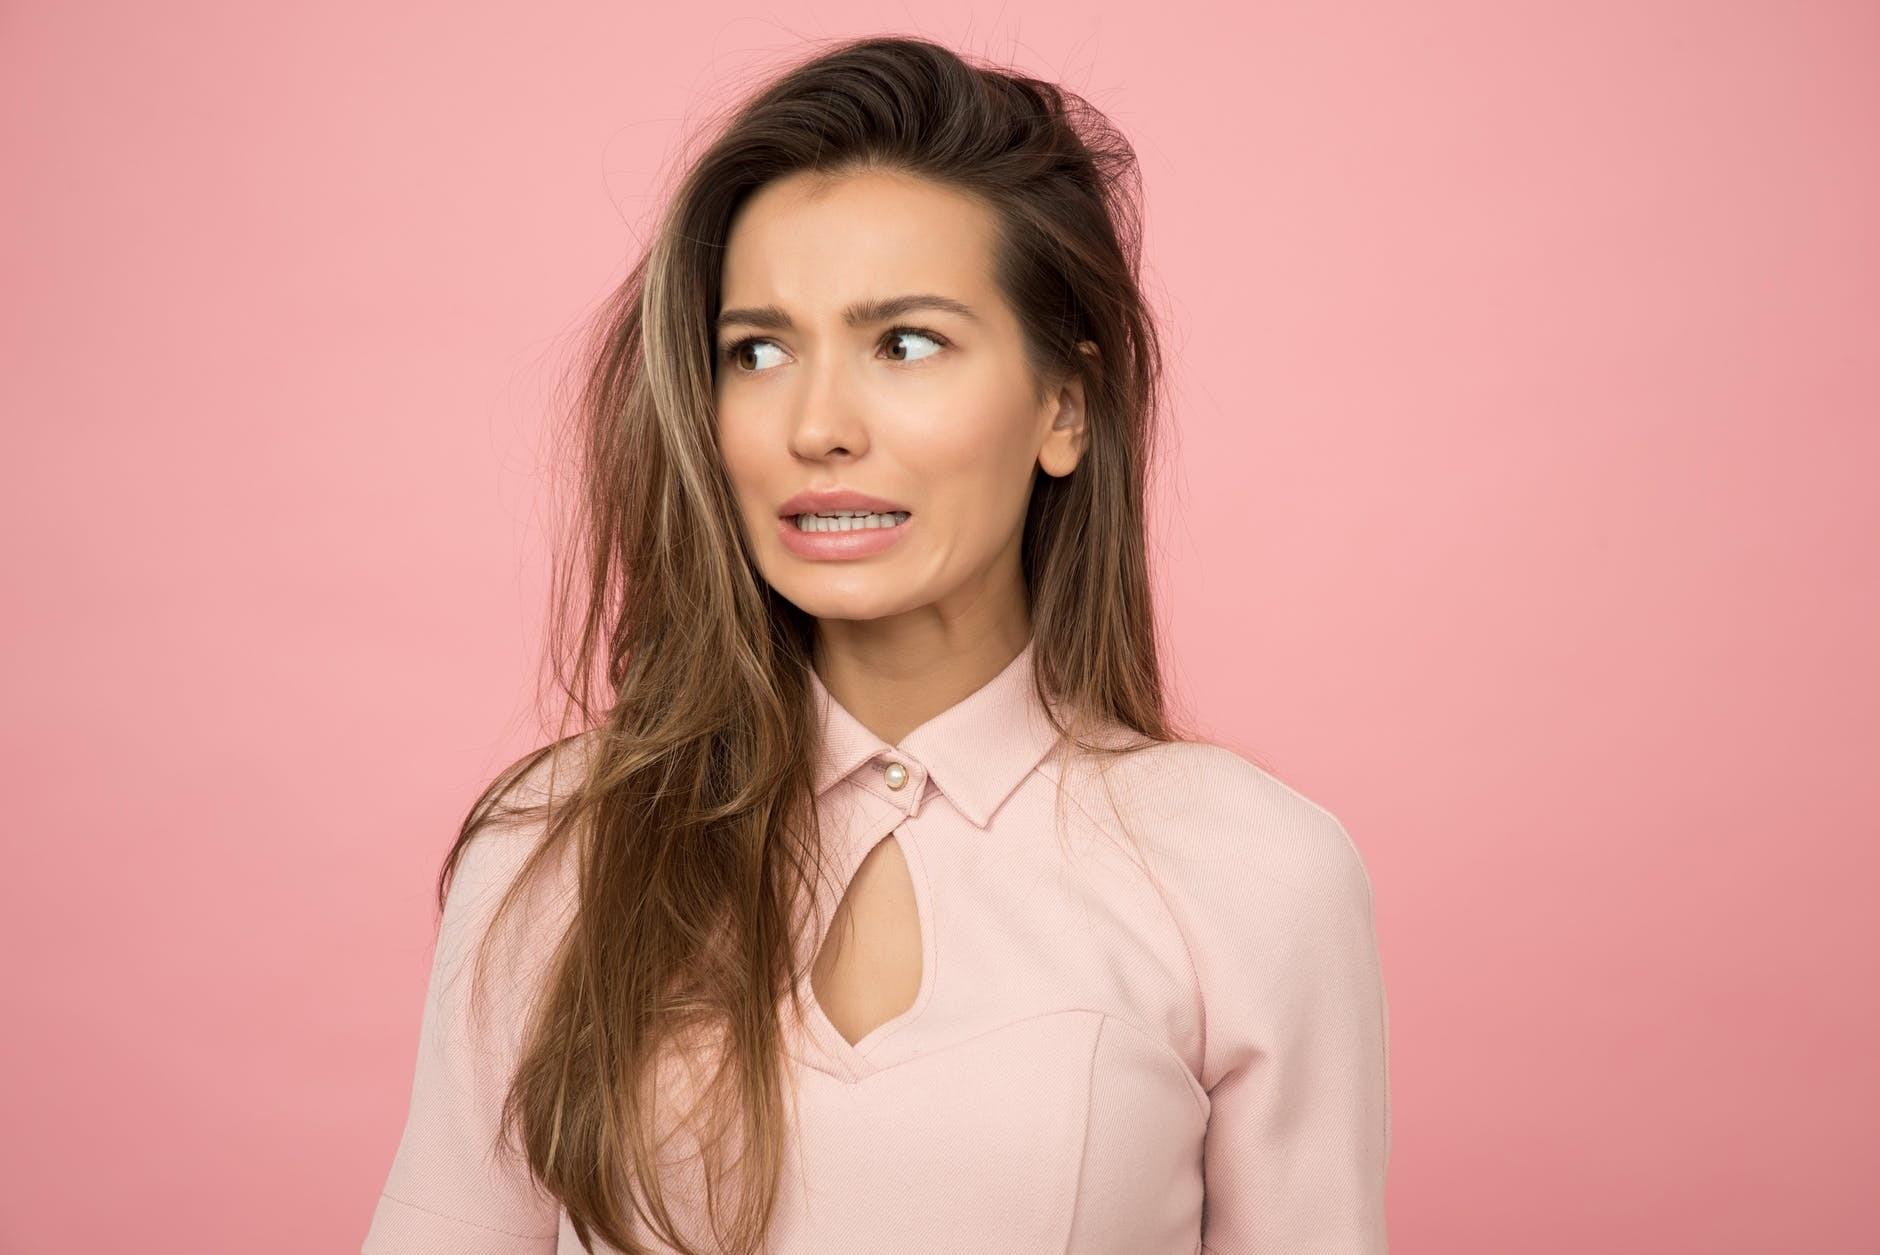 Сухие волосы: причины и 5 вариантов решения проблемы в домашних условиях